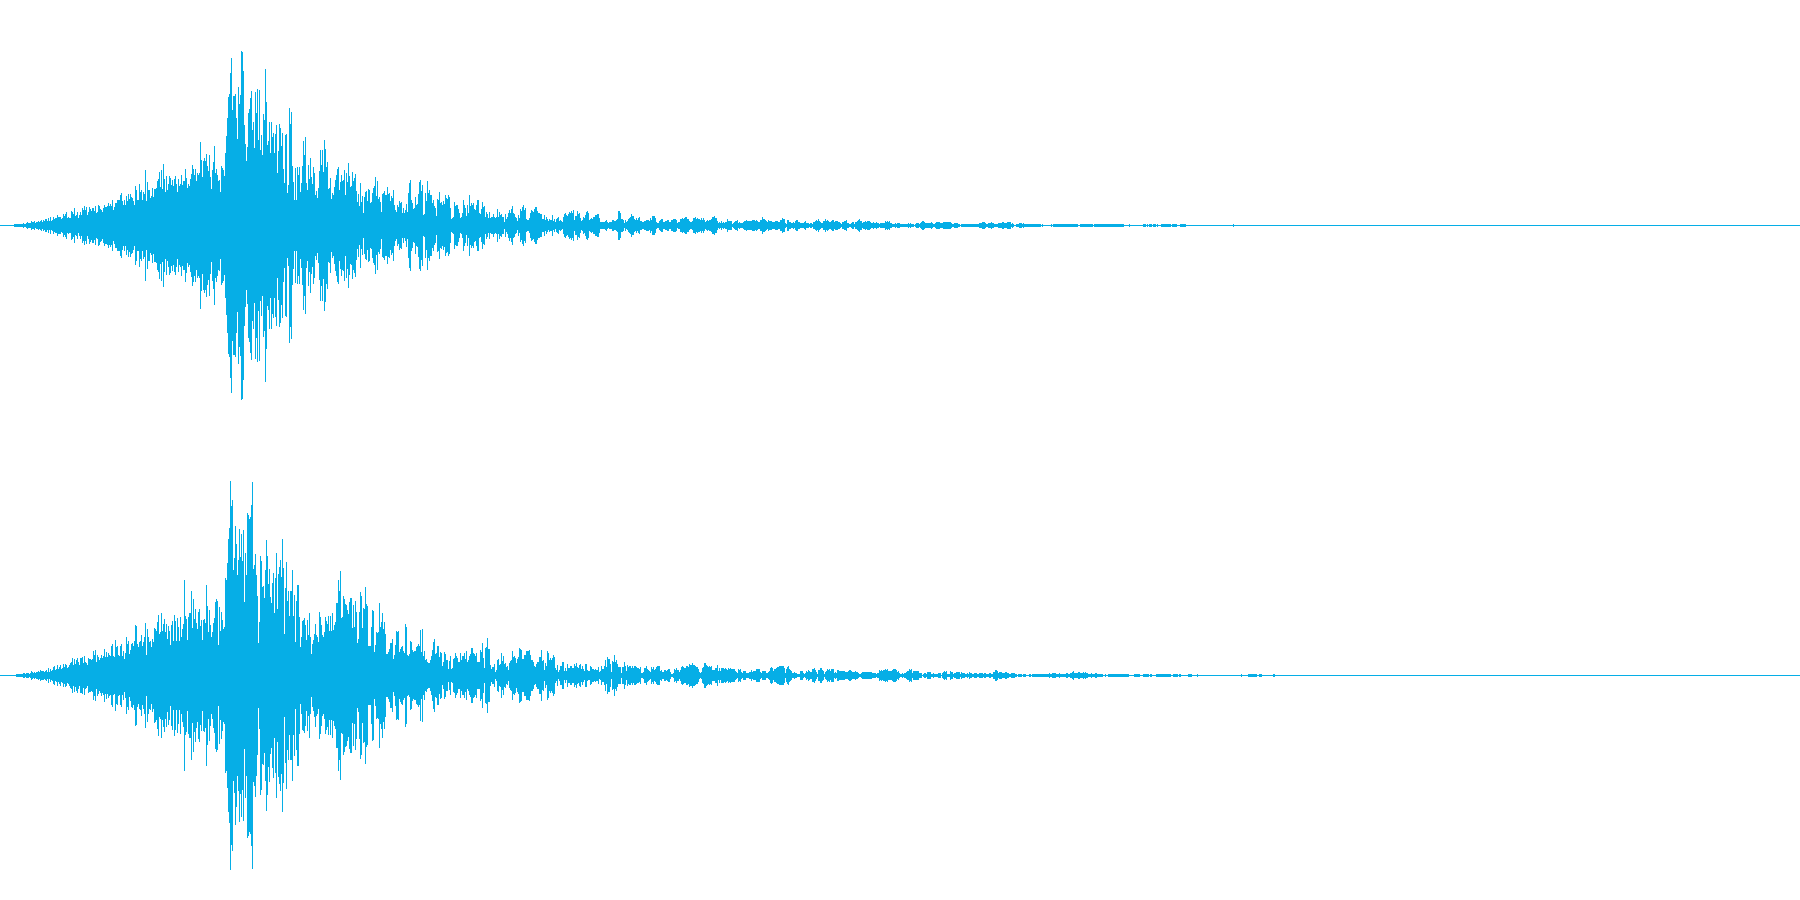 シュードーン-58-4(インパクト音)の再生済みの波形